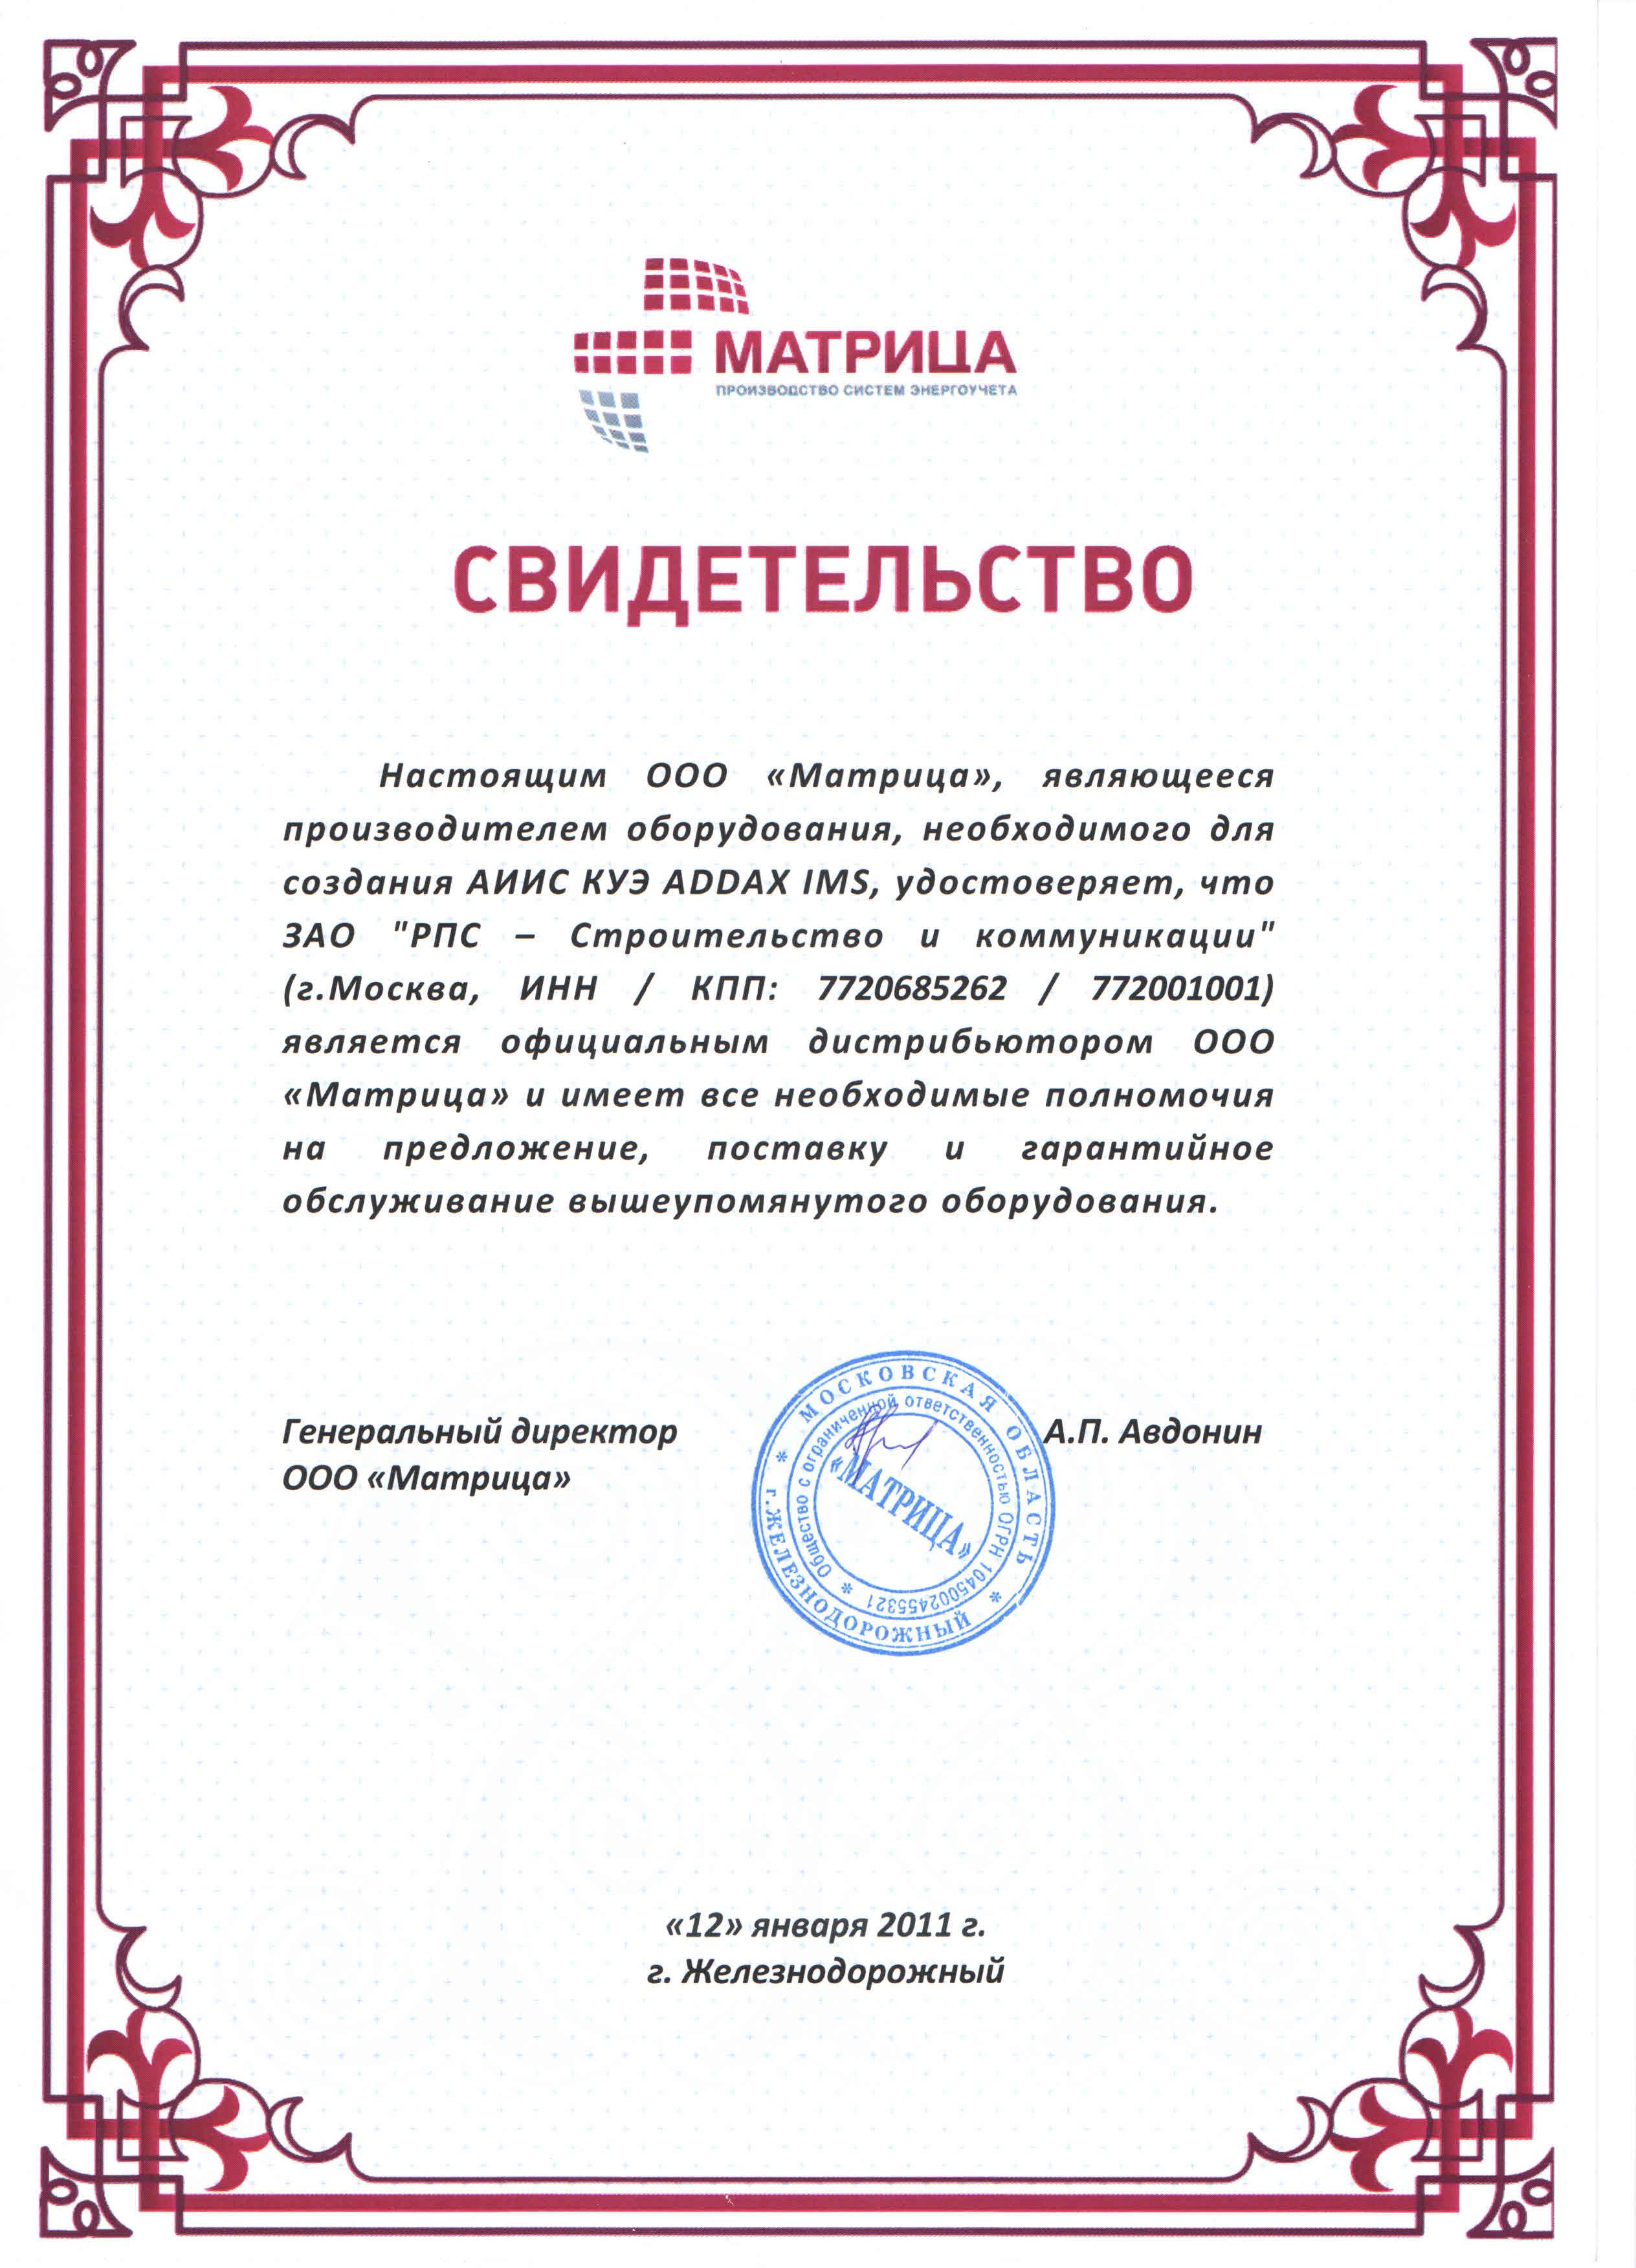 Свидетельство ООО Матрица